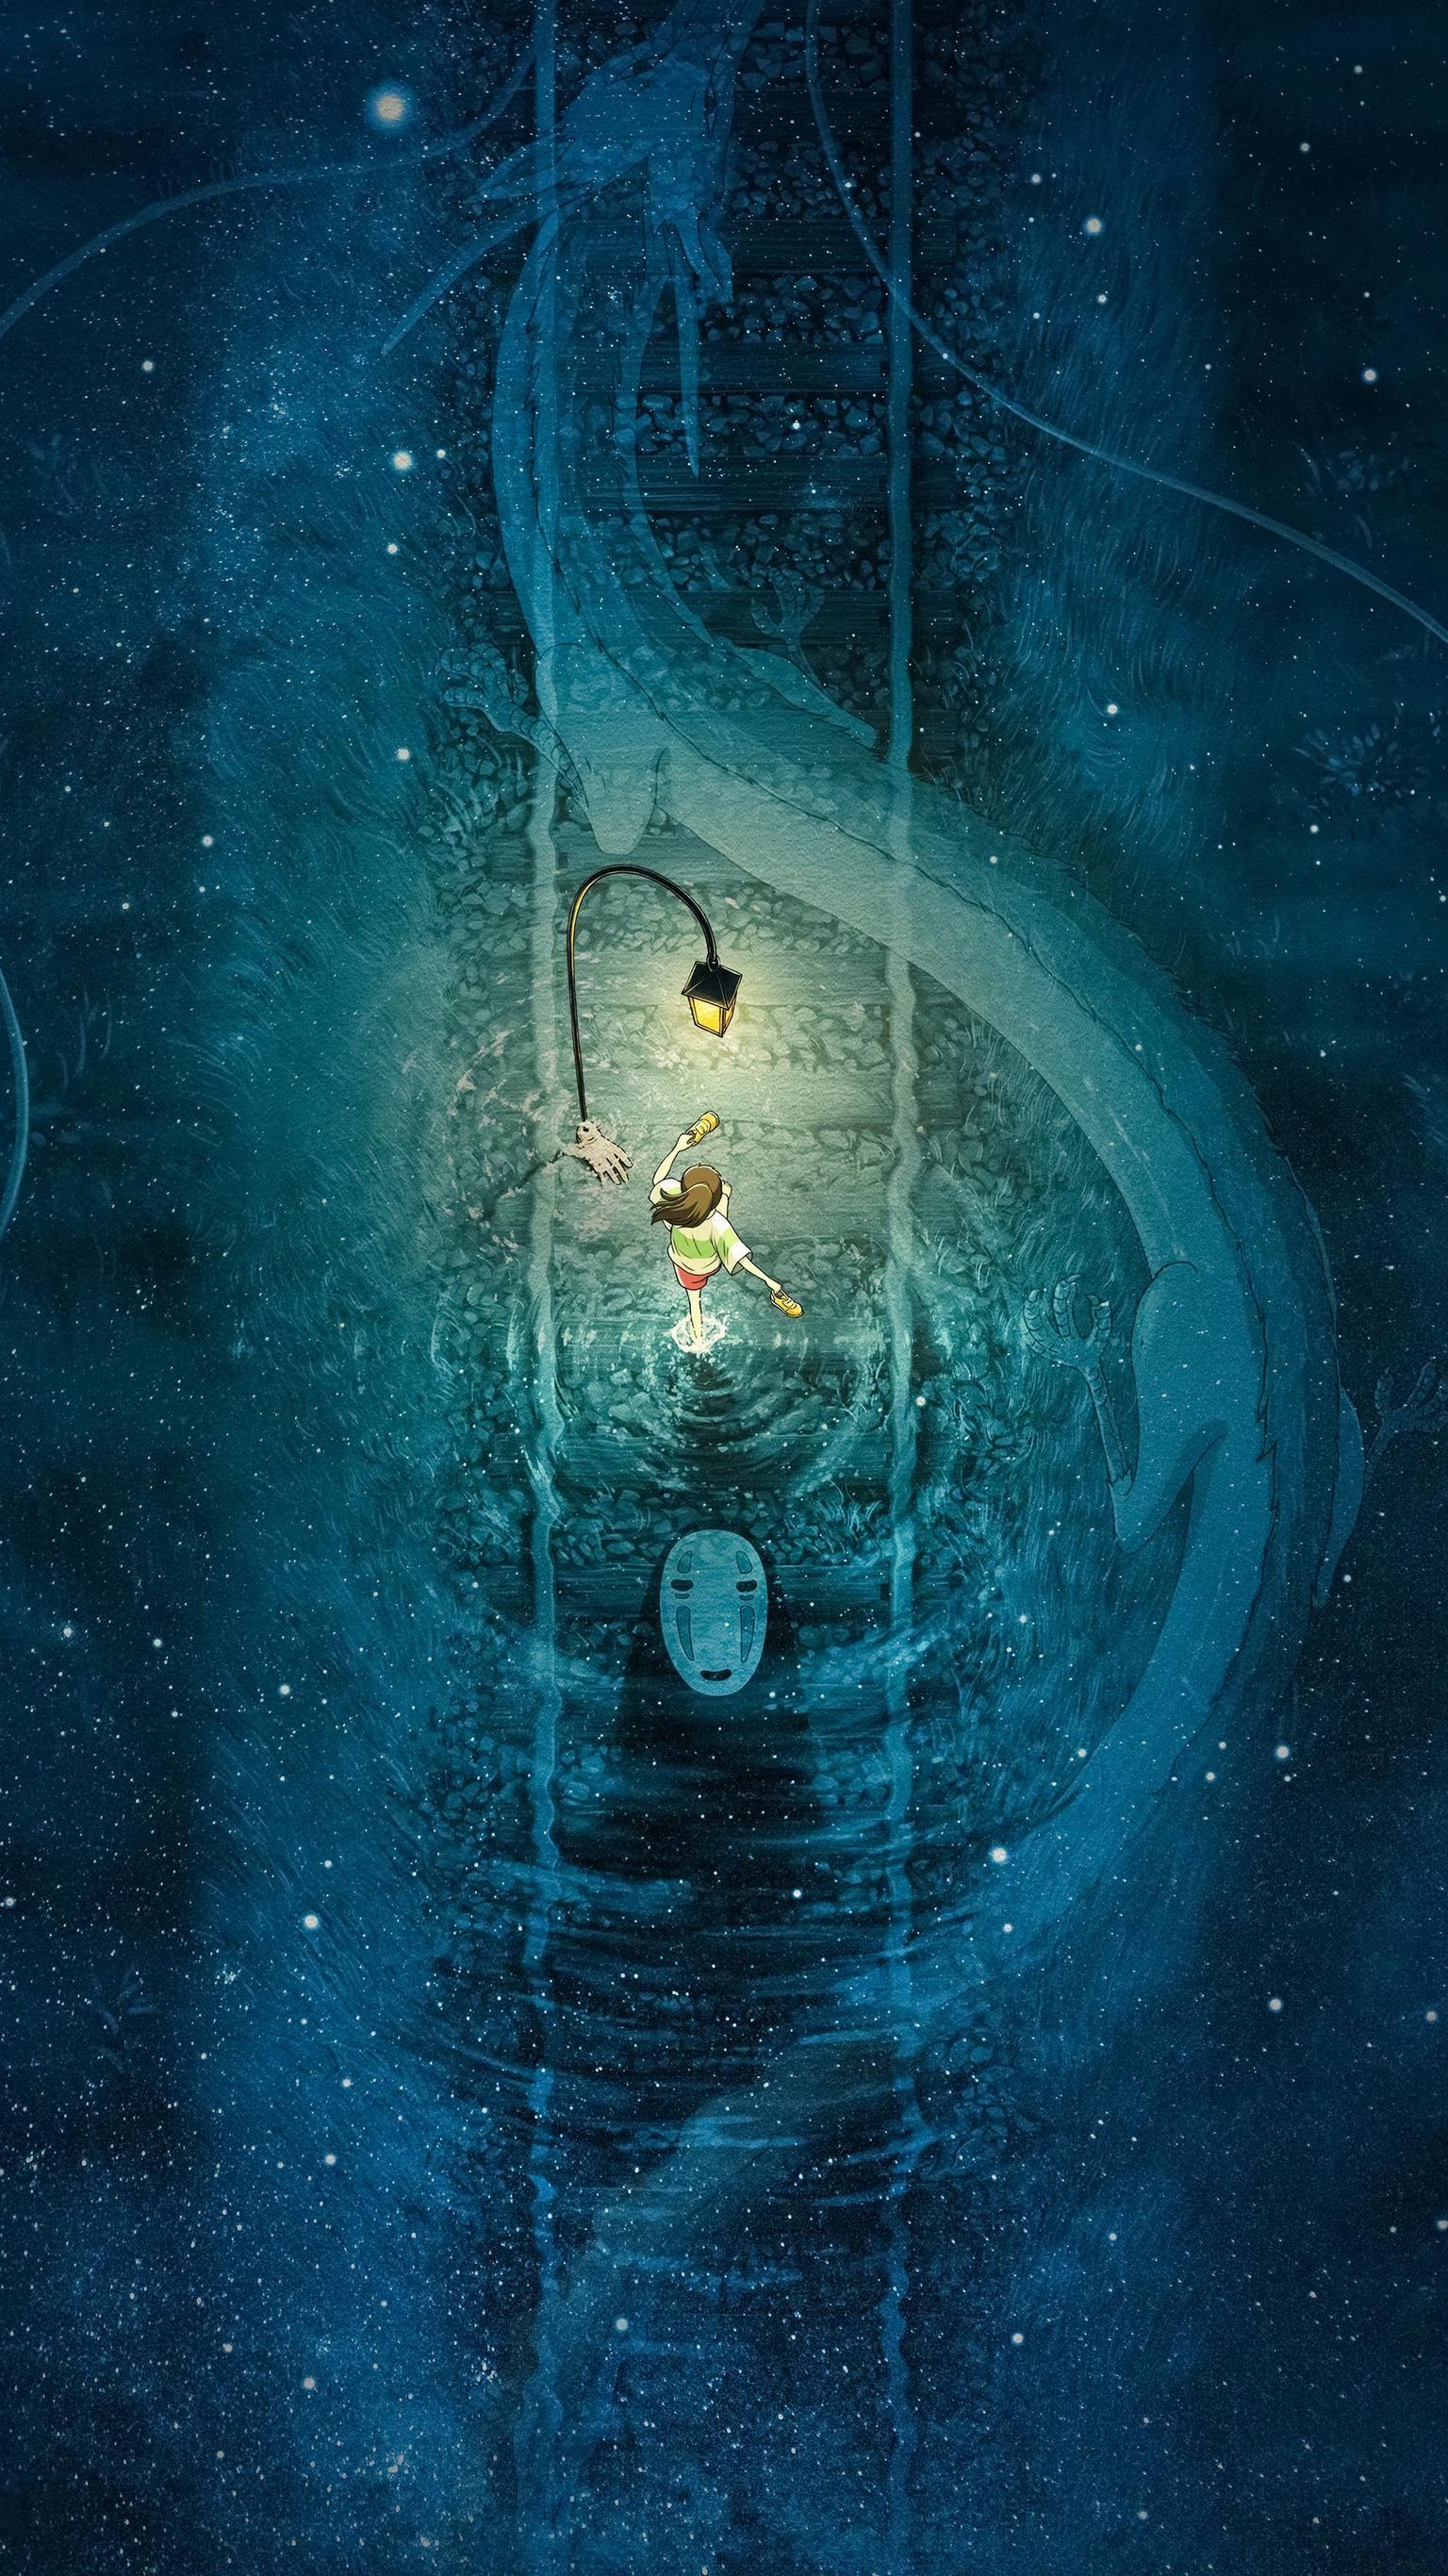 Spirited Away (2001) Phone Wallpaper в 2020 г. | Гибли ...